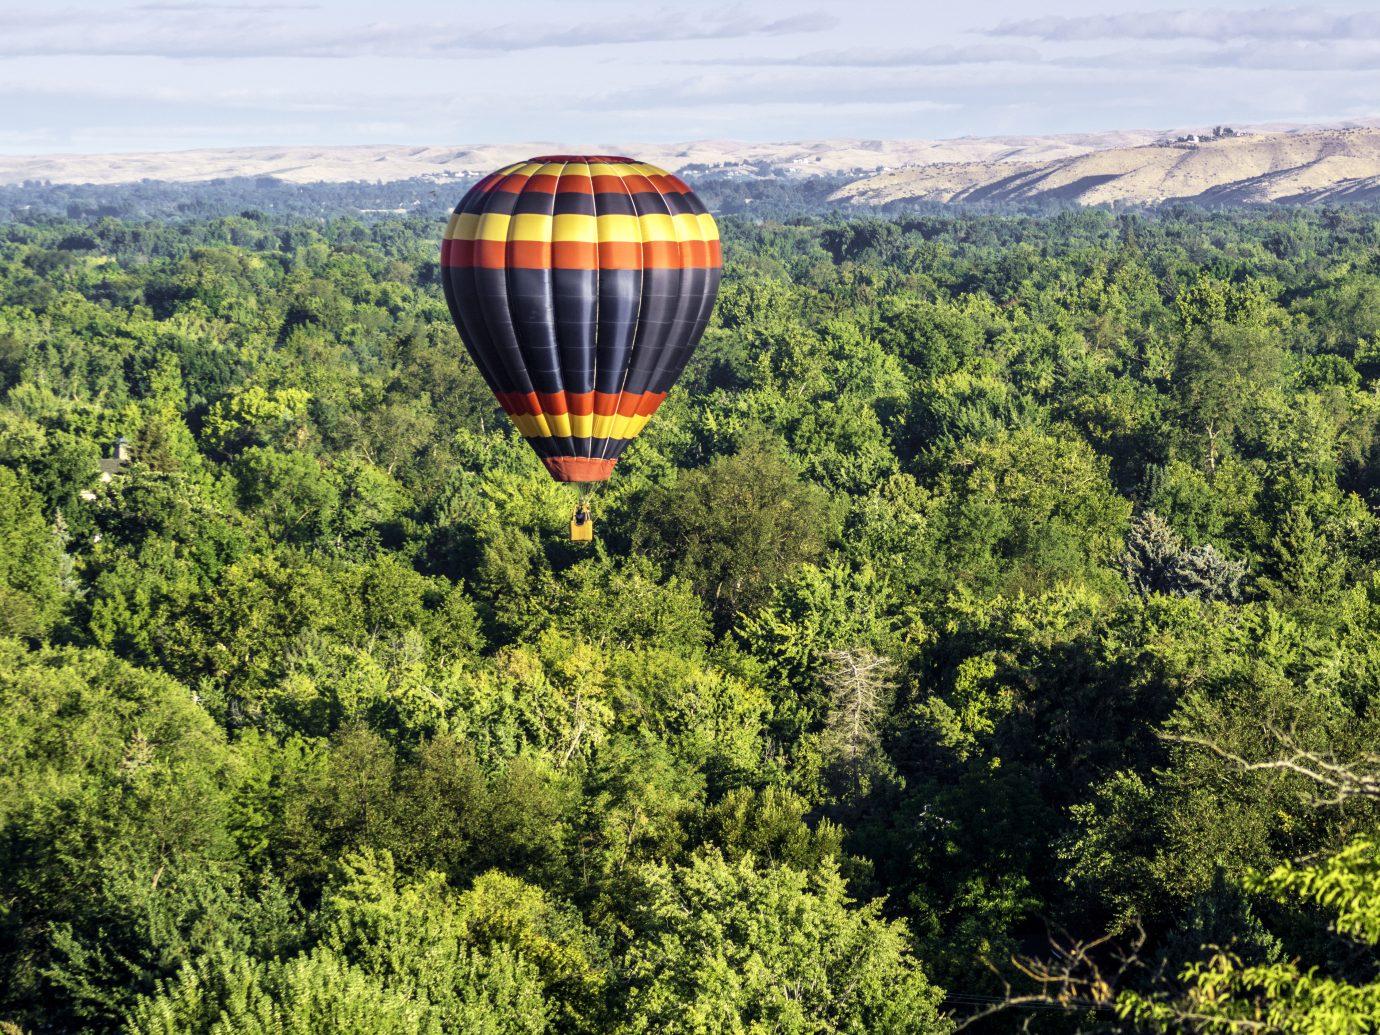 Boise Hot Air Balloons